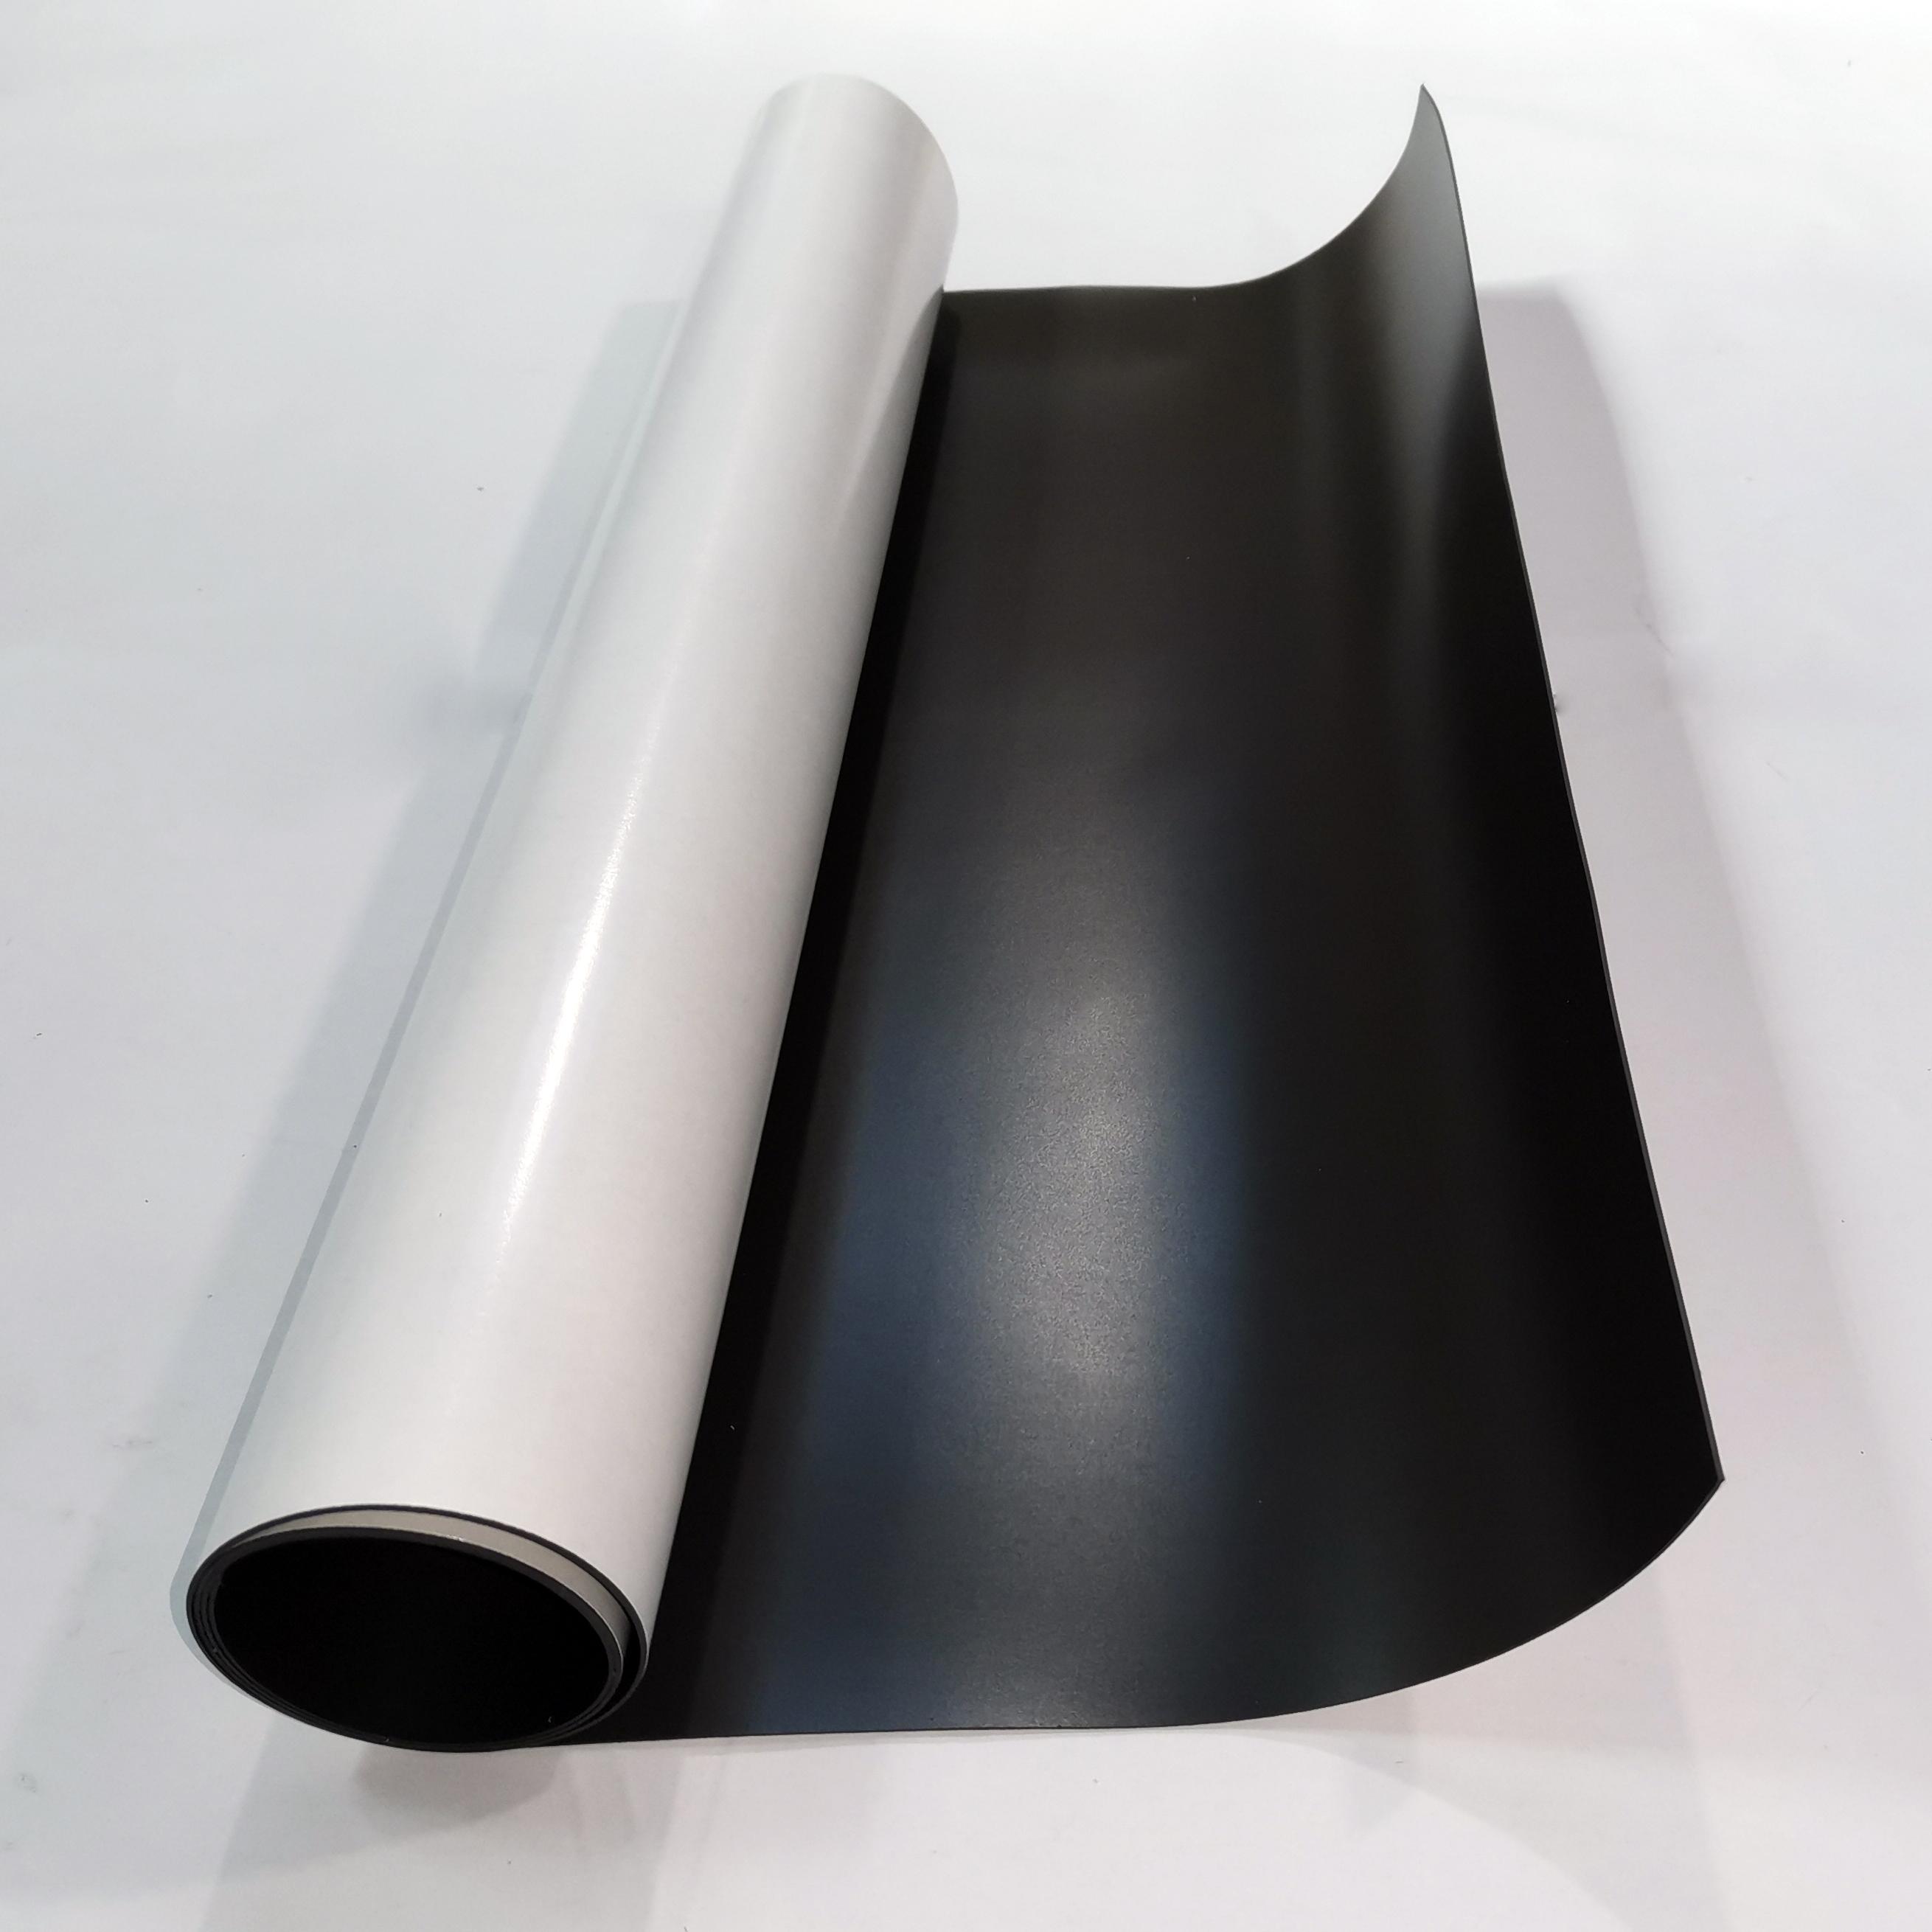 Магнитный винил толщиной 0.9 мм с клеем (1 метр)